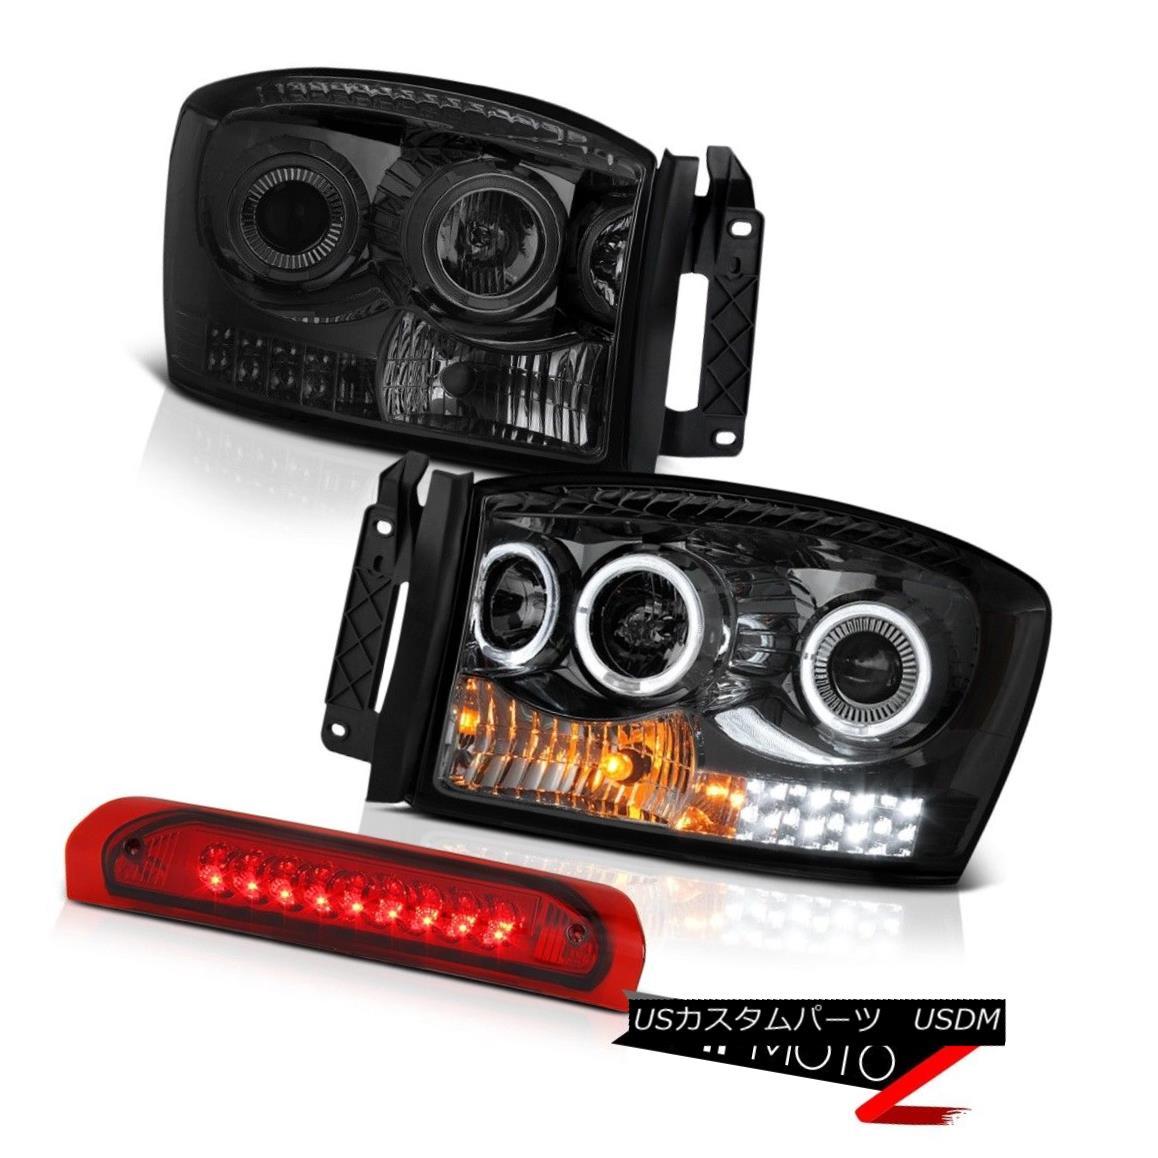 テールライト 06-08 Ram 1500 2500 3500 6.7L Headlamps Wine Red Roof Cargo Light LED Dual Halo 06-08ラム1500 2500 3500 6.7LヘッドランプワインレッドルーフカーゴライトLEDデュアルヘイロー